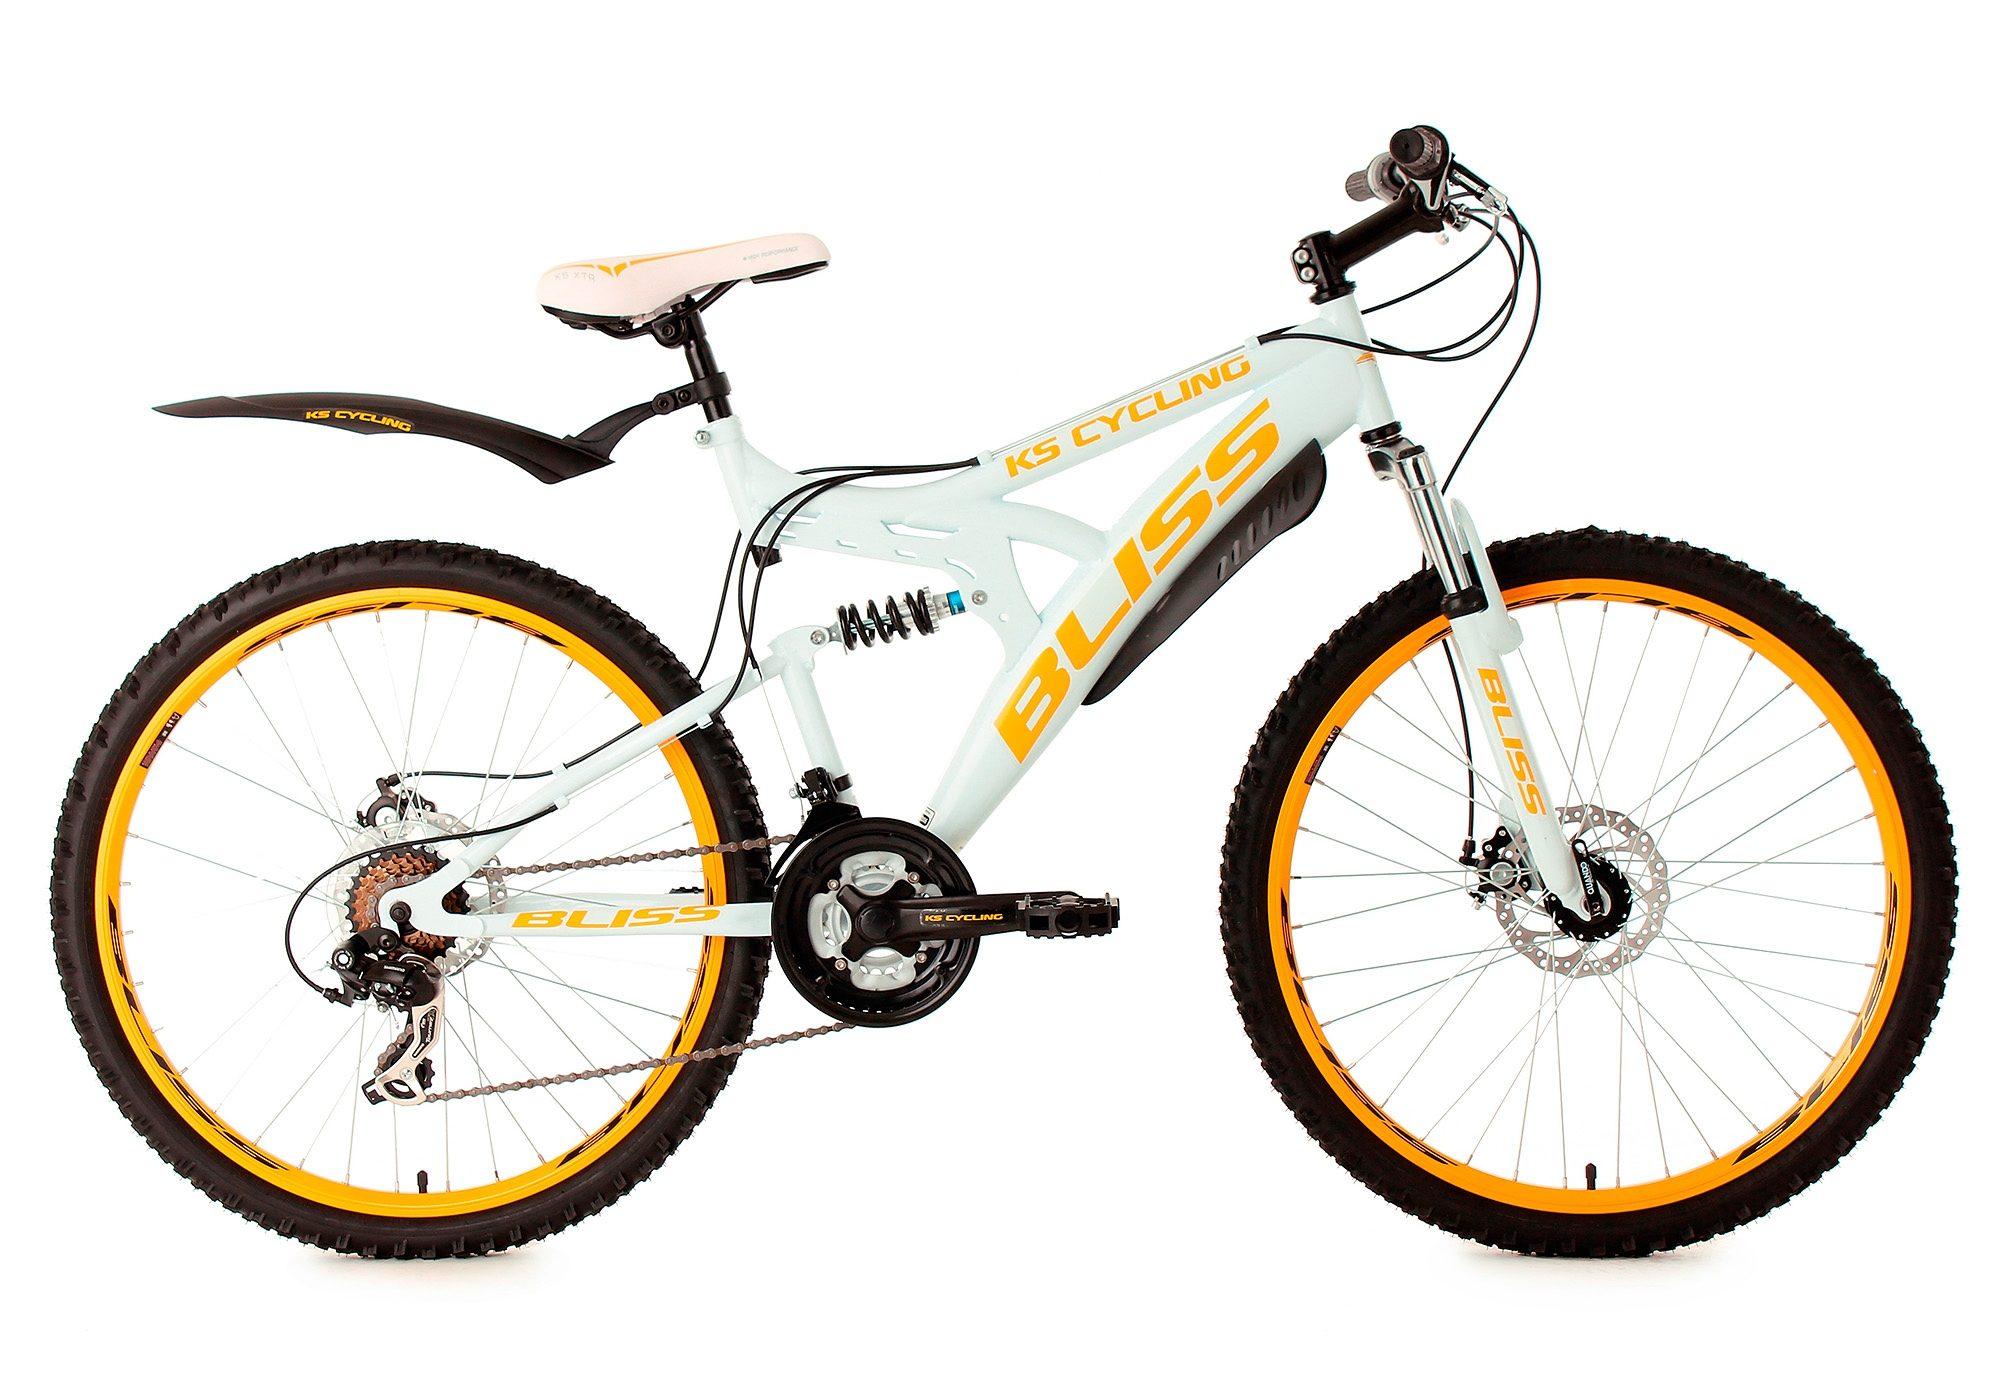 Fully-Mountainbike, 26 Zoll, weiß, 21 Gang Kettenschaltung, »Bliss«, KS Cycling